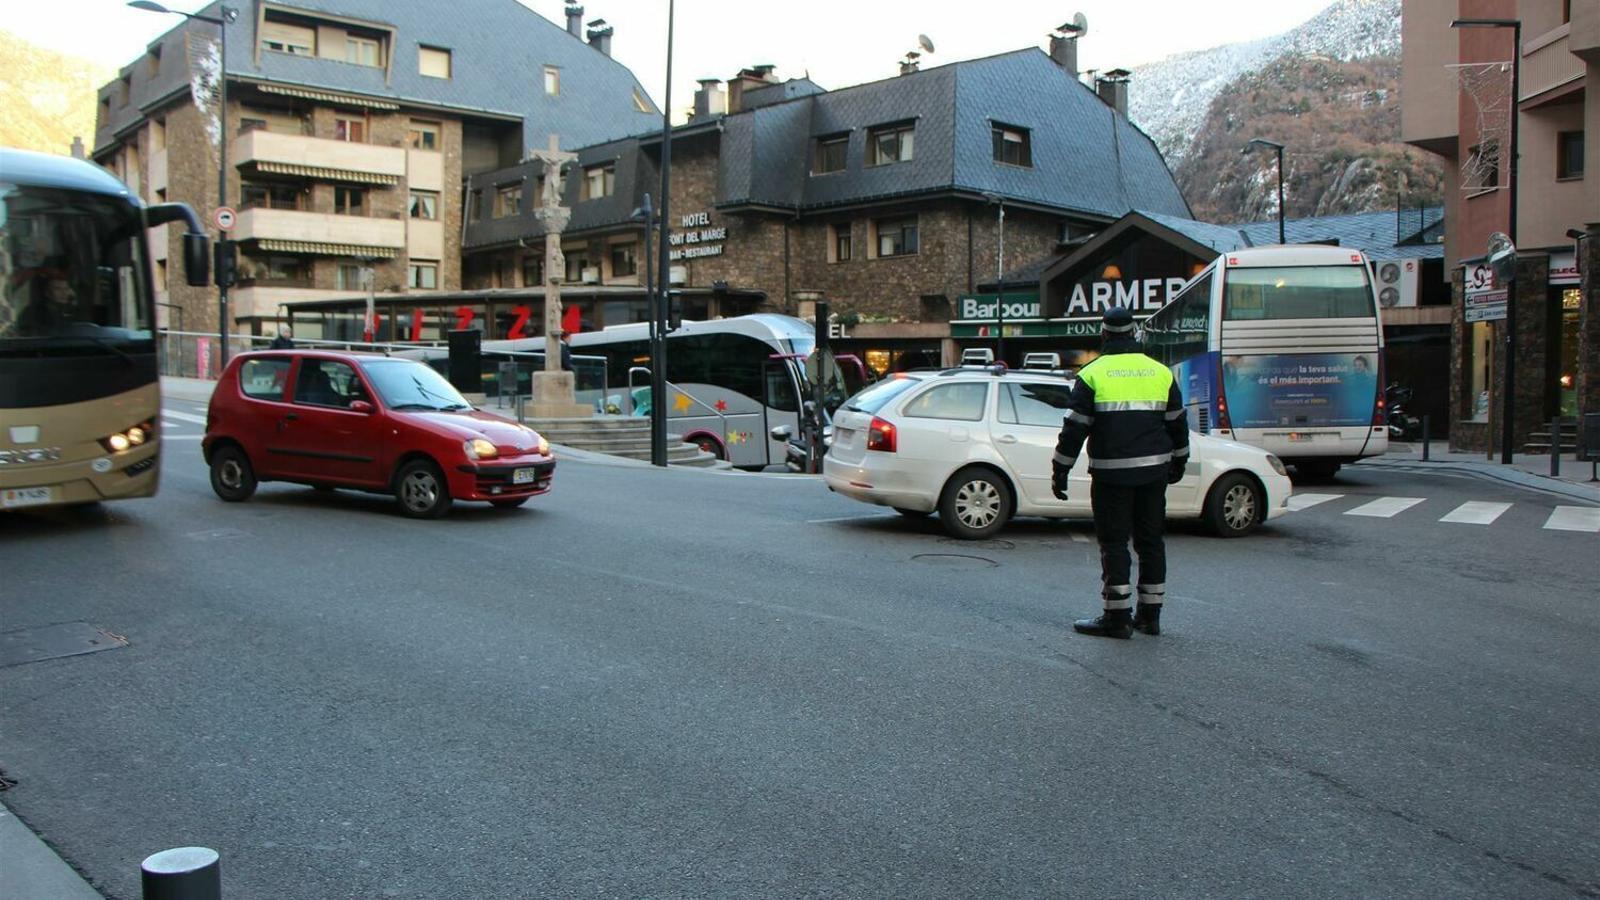 Un agent regula el trànsit. / ARA ANDORRA